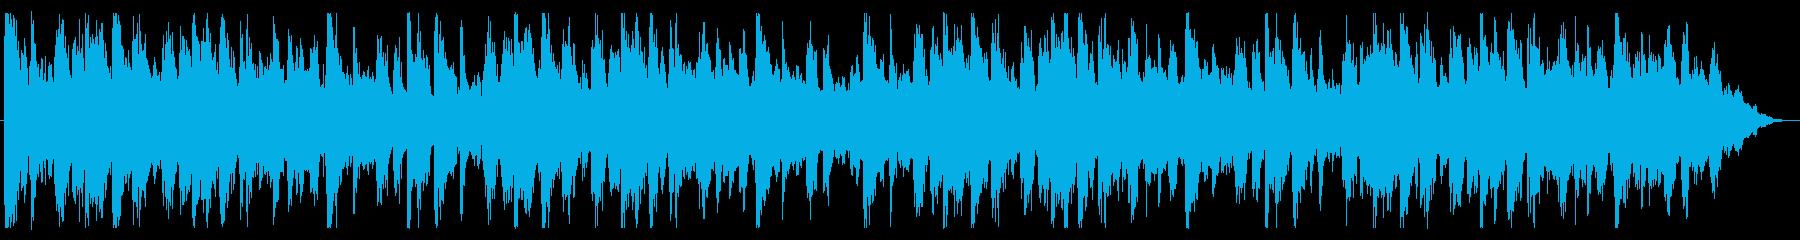 神秘的/サイケデリック_614_4の再生済みの波形